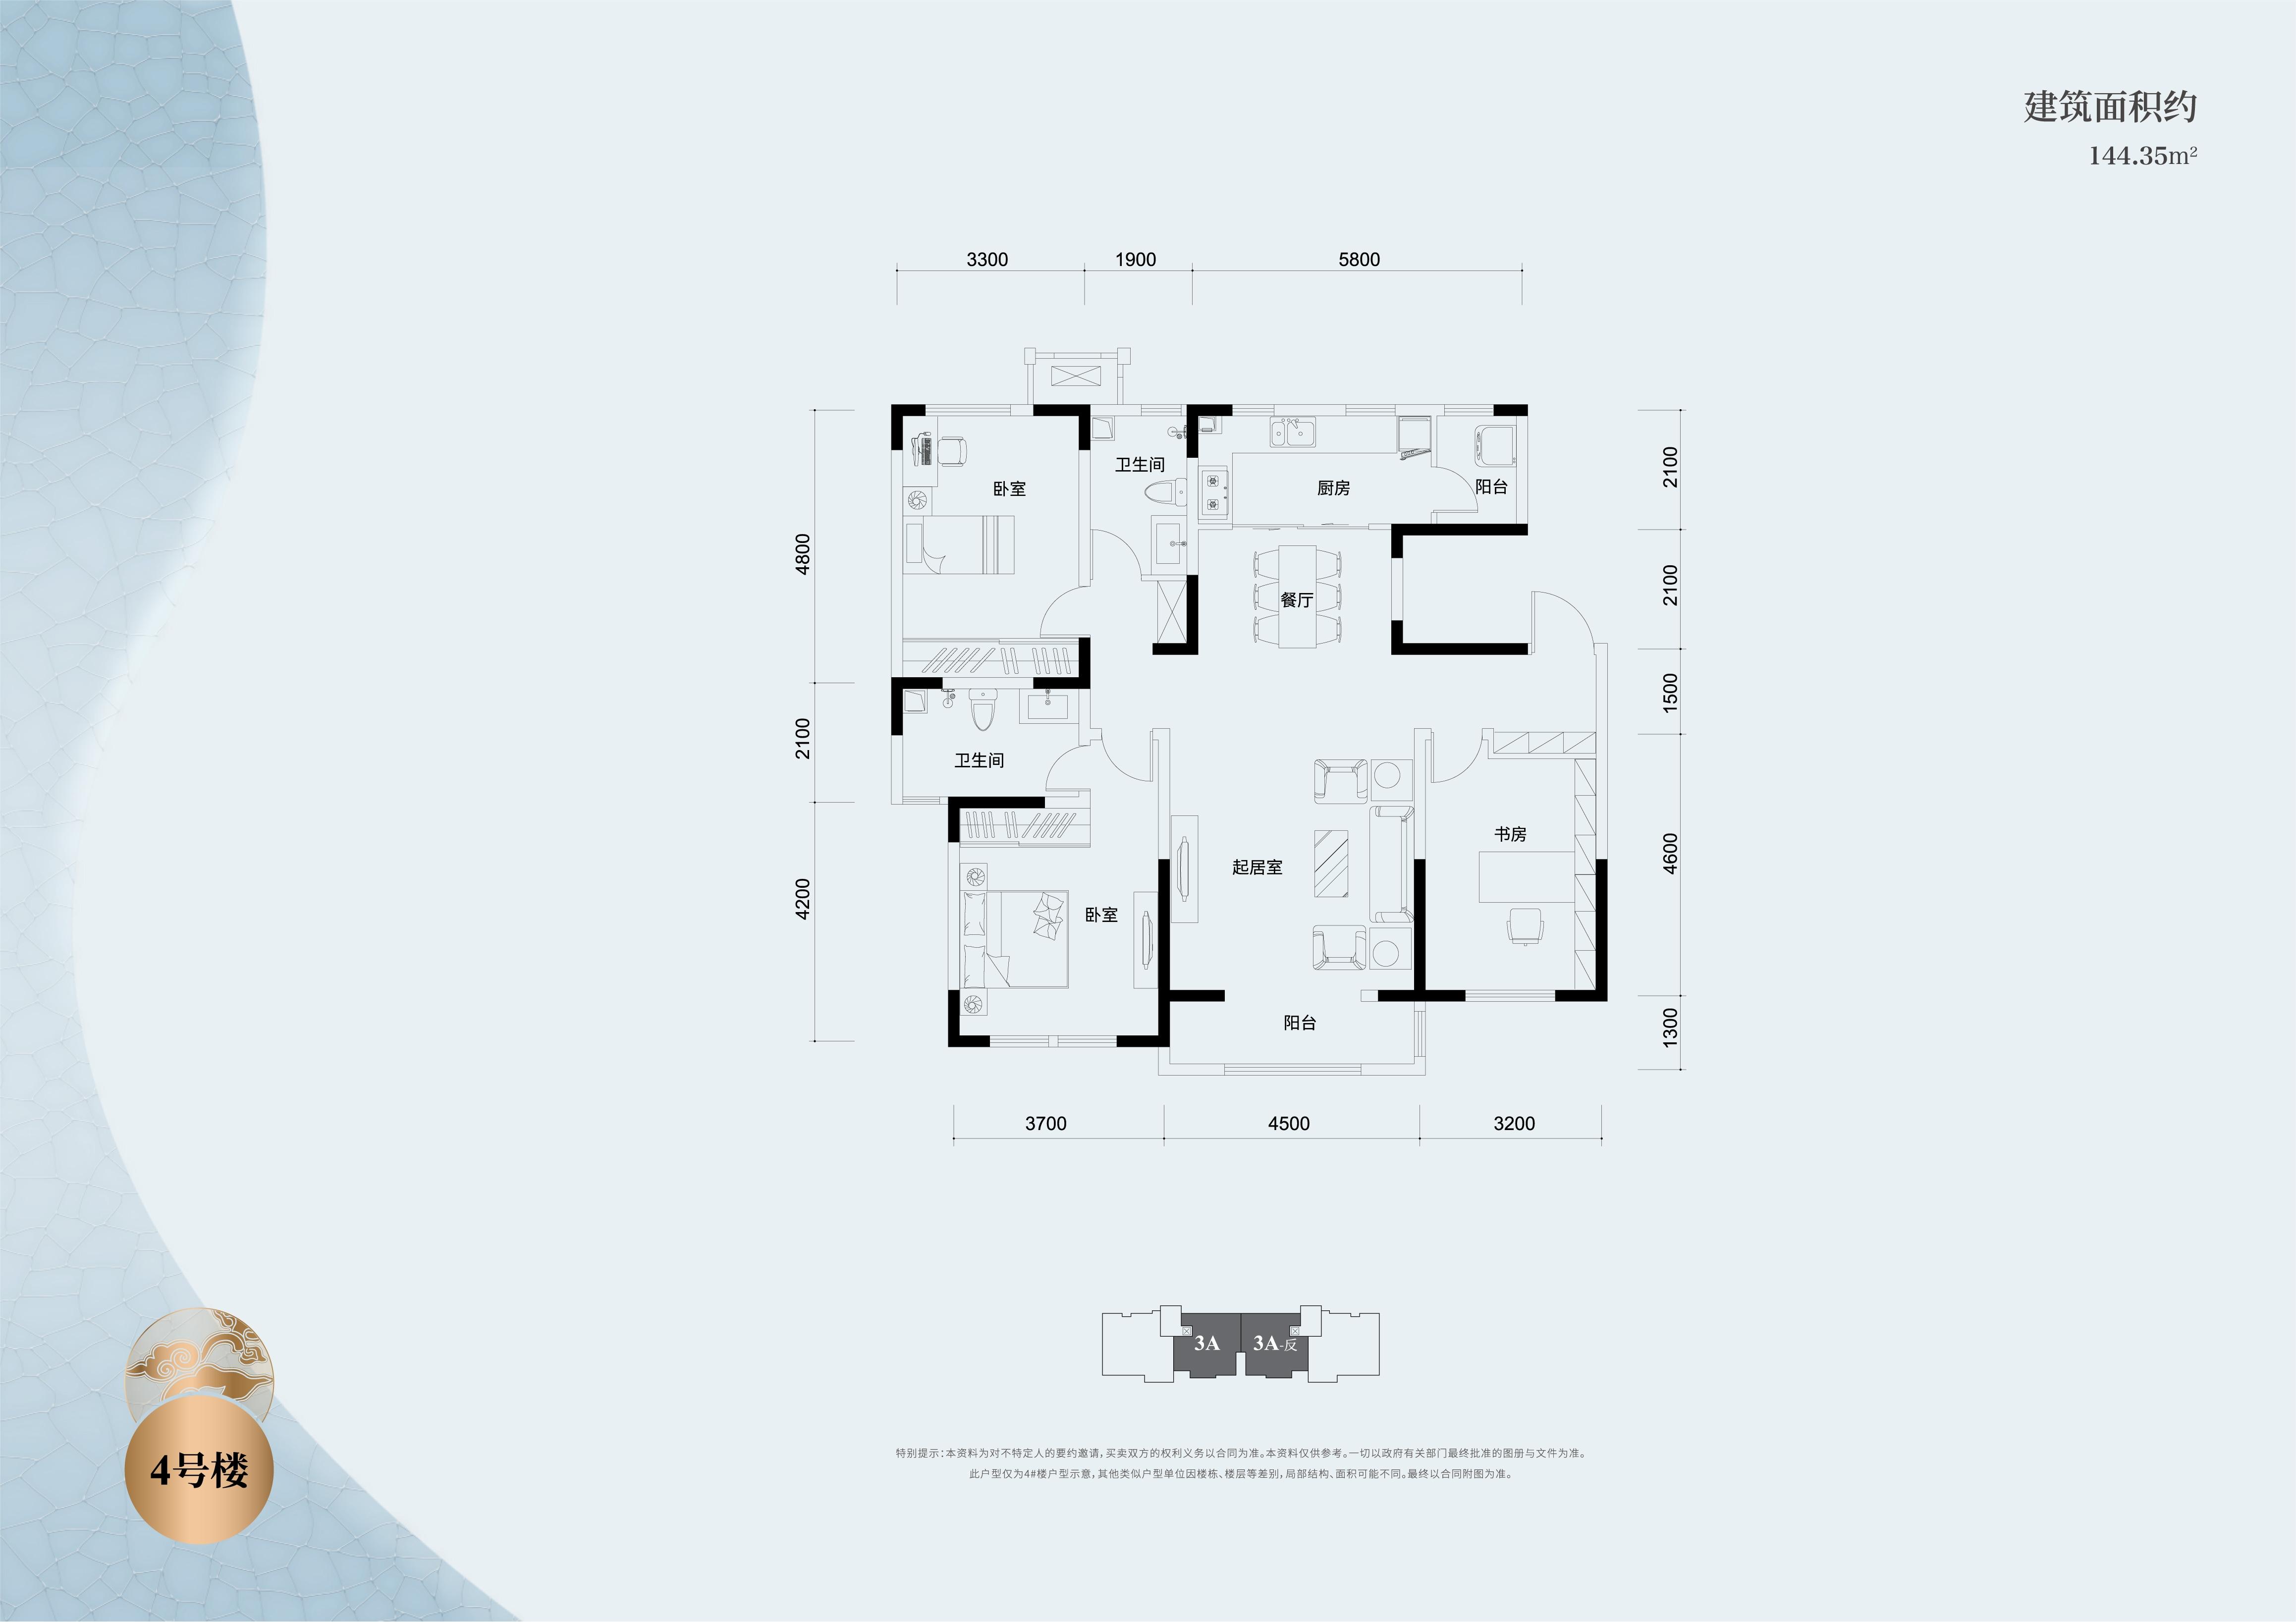 洋房144平米 三室两厅两卫